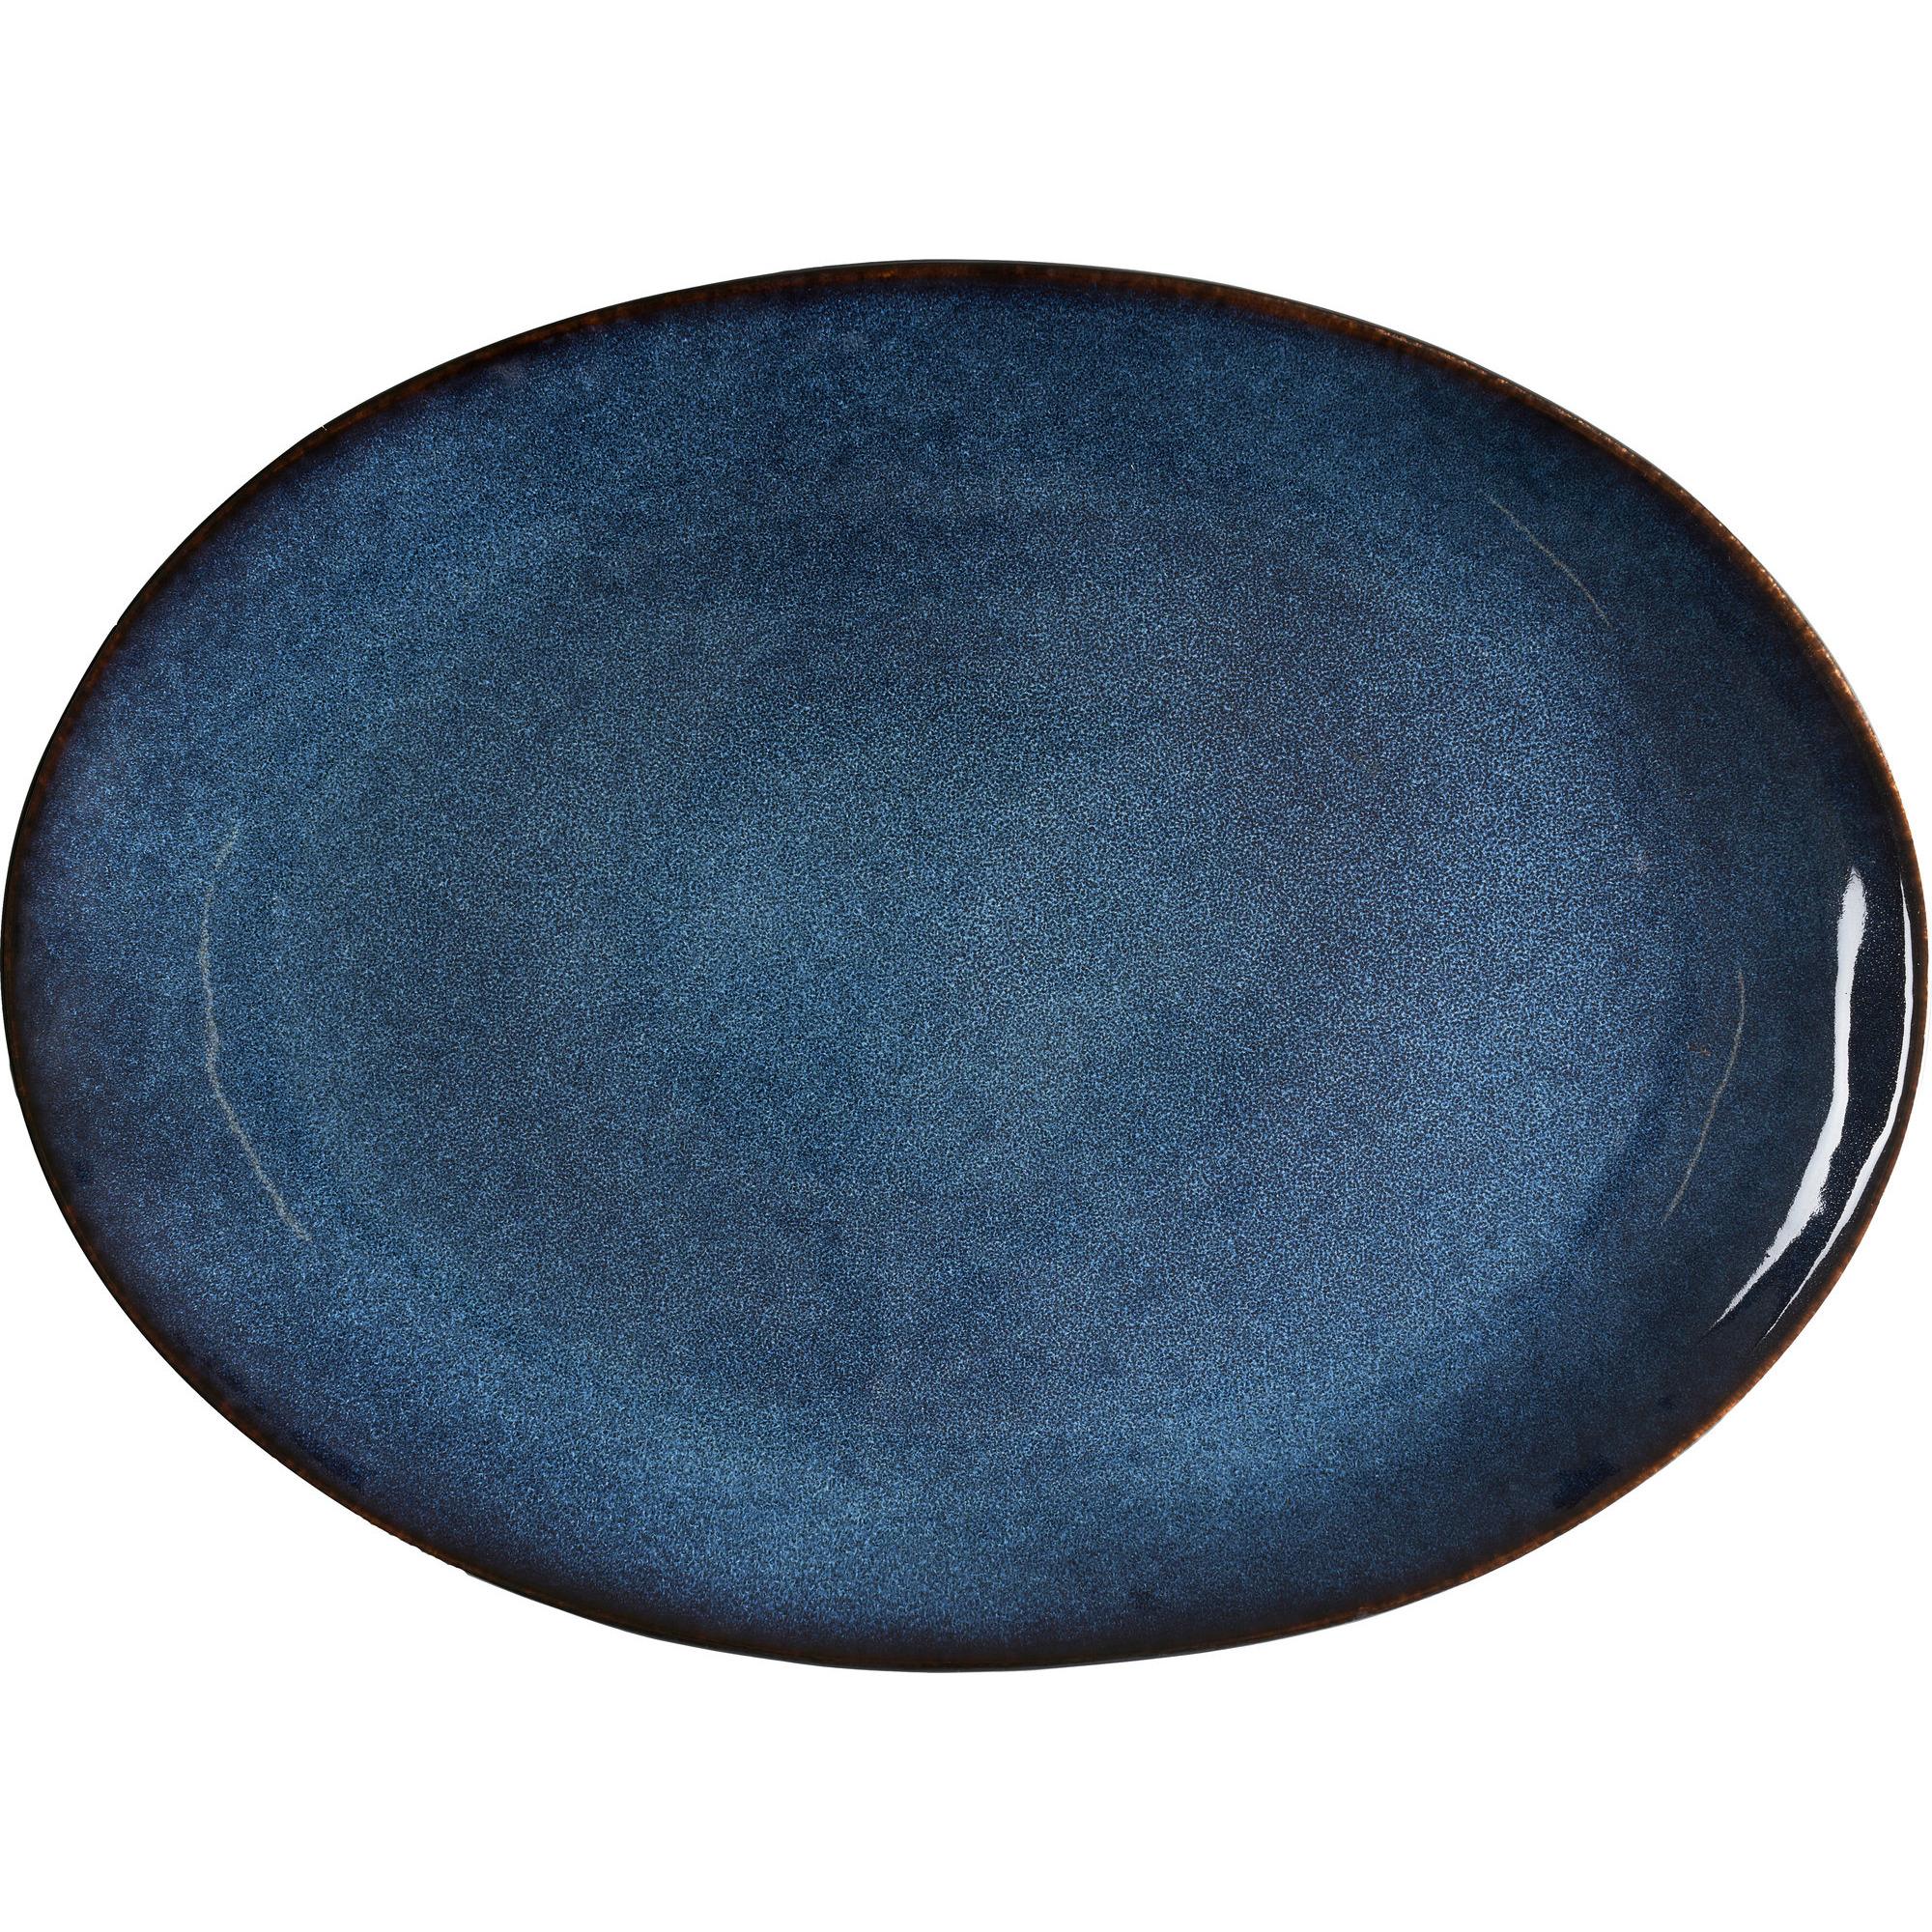 Bitz Ovalt Fat 45x34cm Svart/Mörkblå